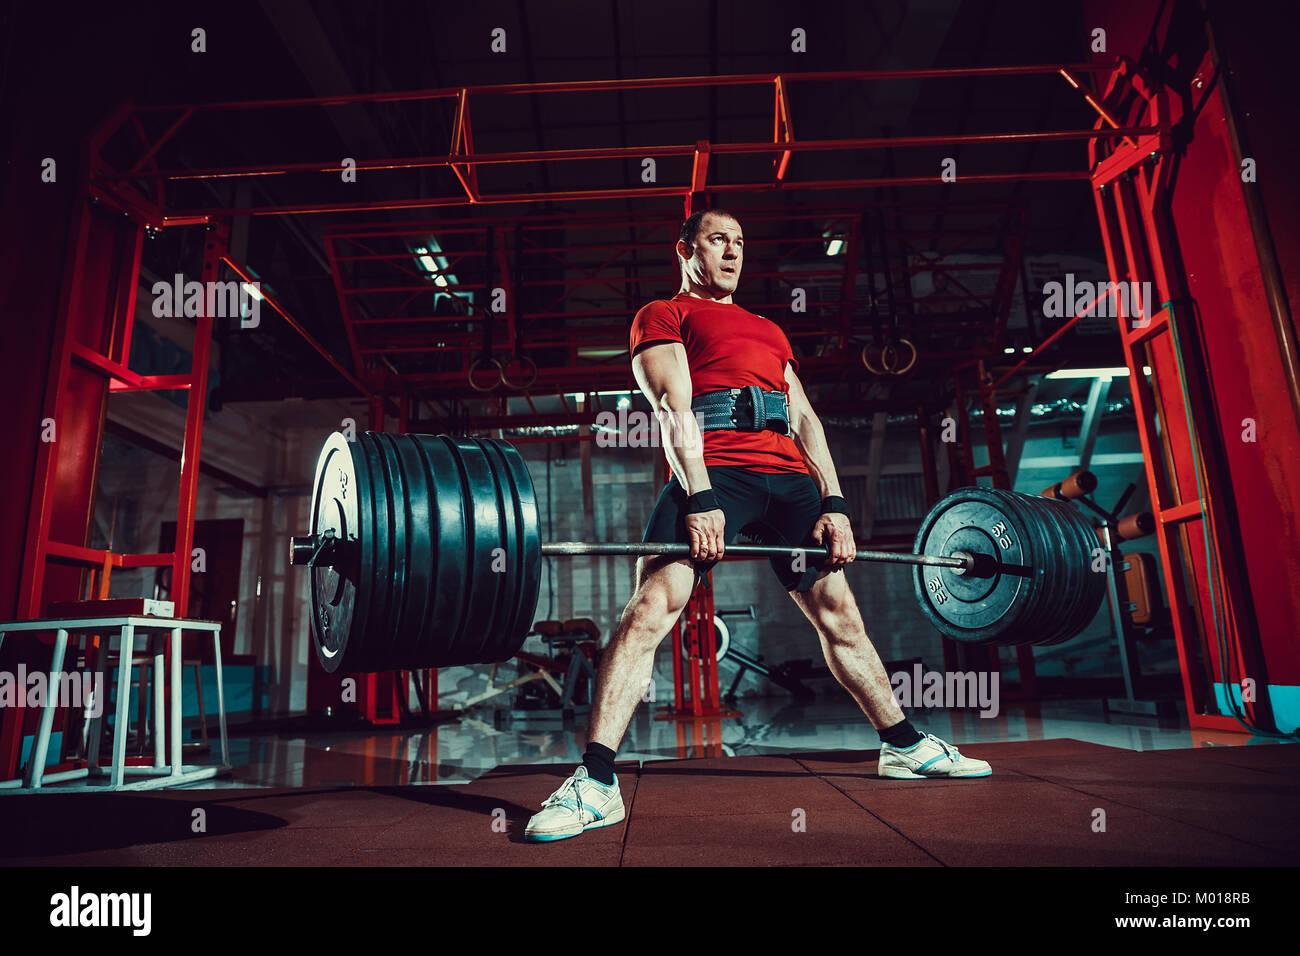 Hombre haciendo ejercicios musculares deadlift barbell en un moderno centro de fitness. El entrenamiento funcional. Imagen De Stock